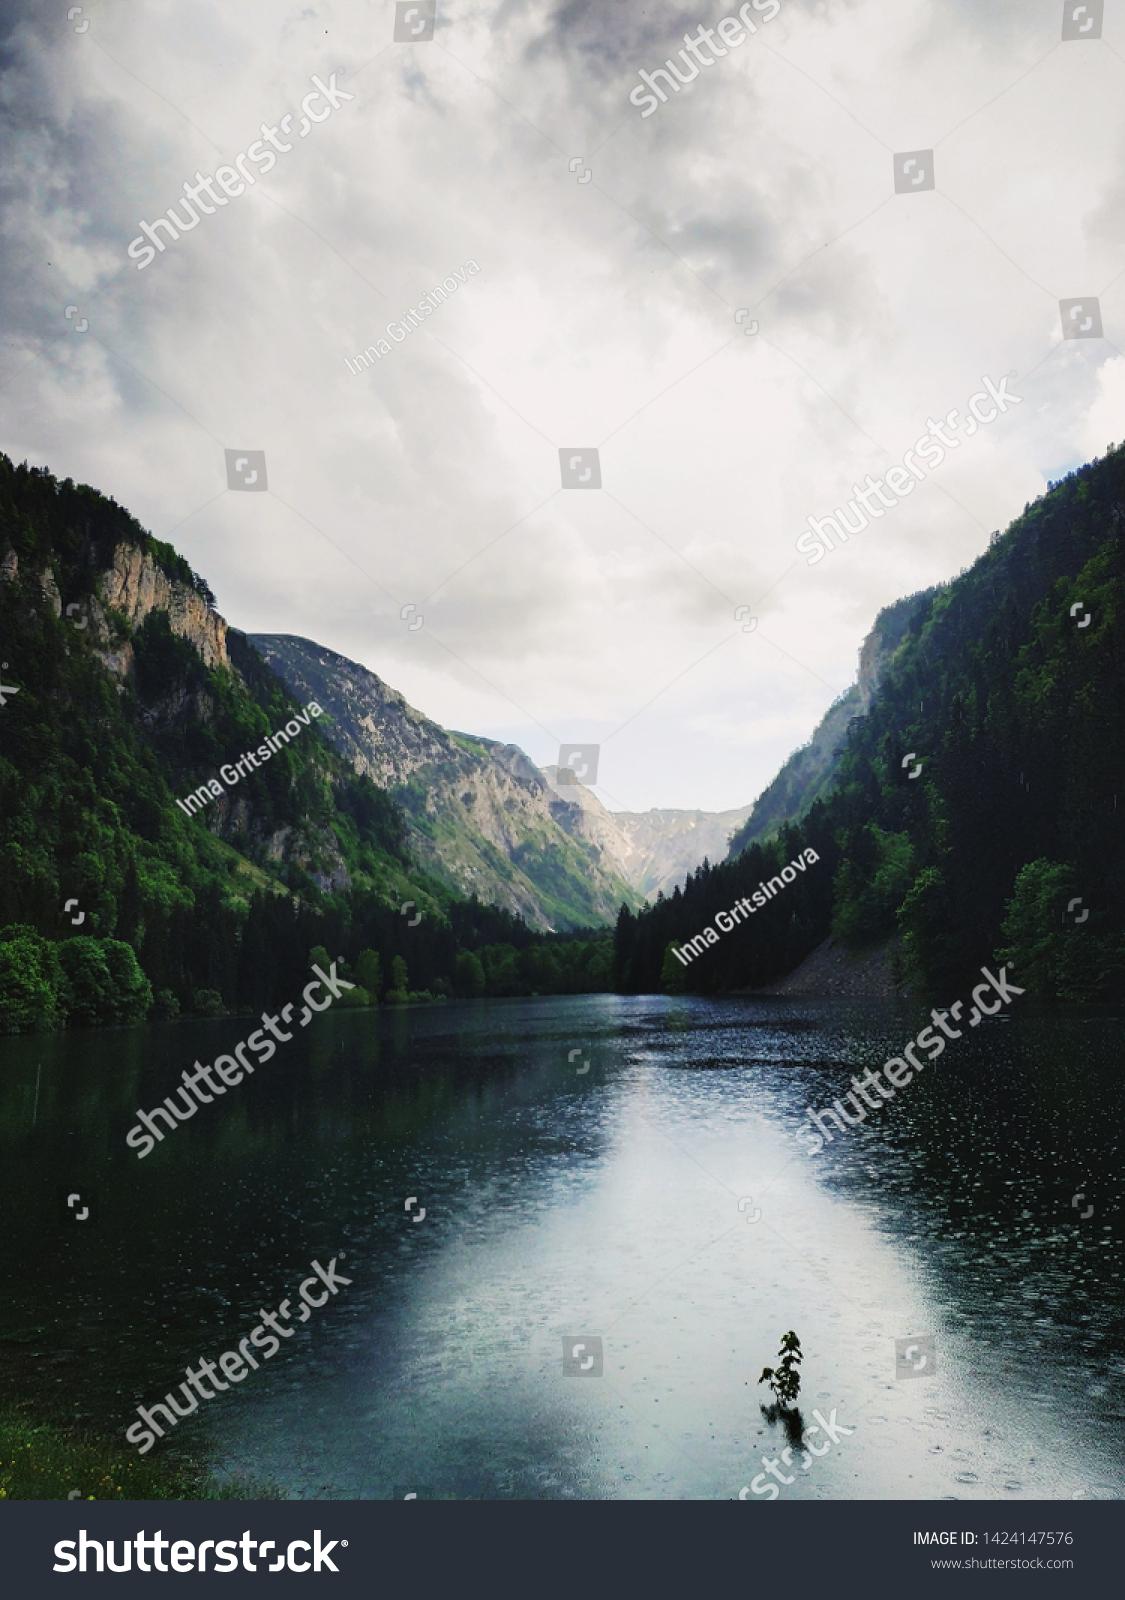 stock-photo-beautiful-lake-su-i-ko-susic